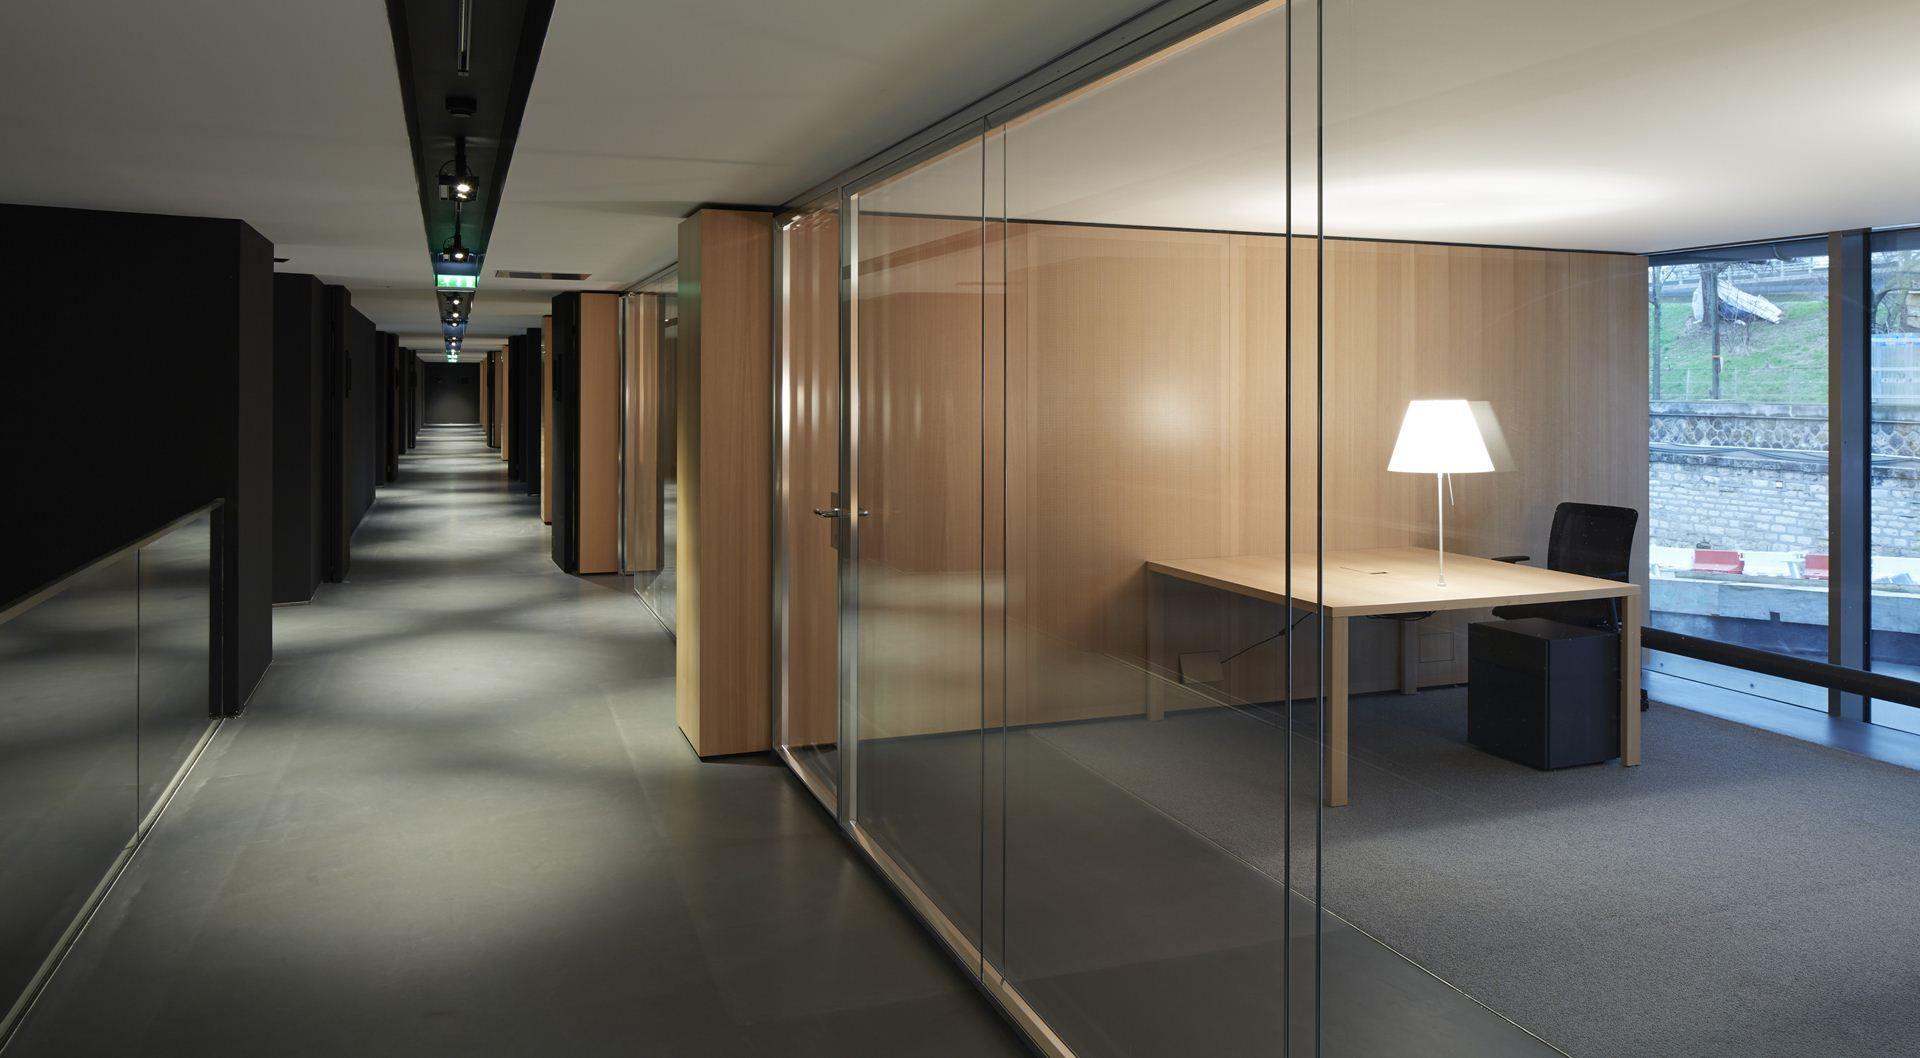 Unifor arredo ufficio parete ap sedie per ufficio for Office design arredo ufficio